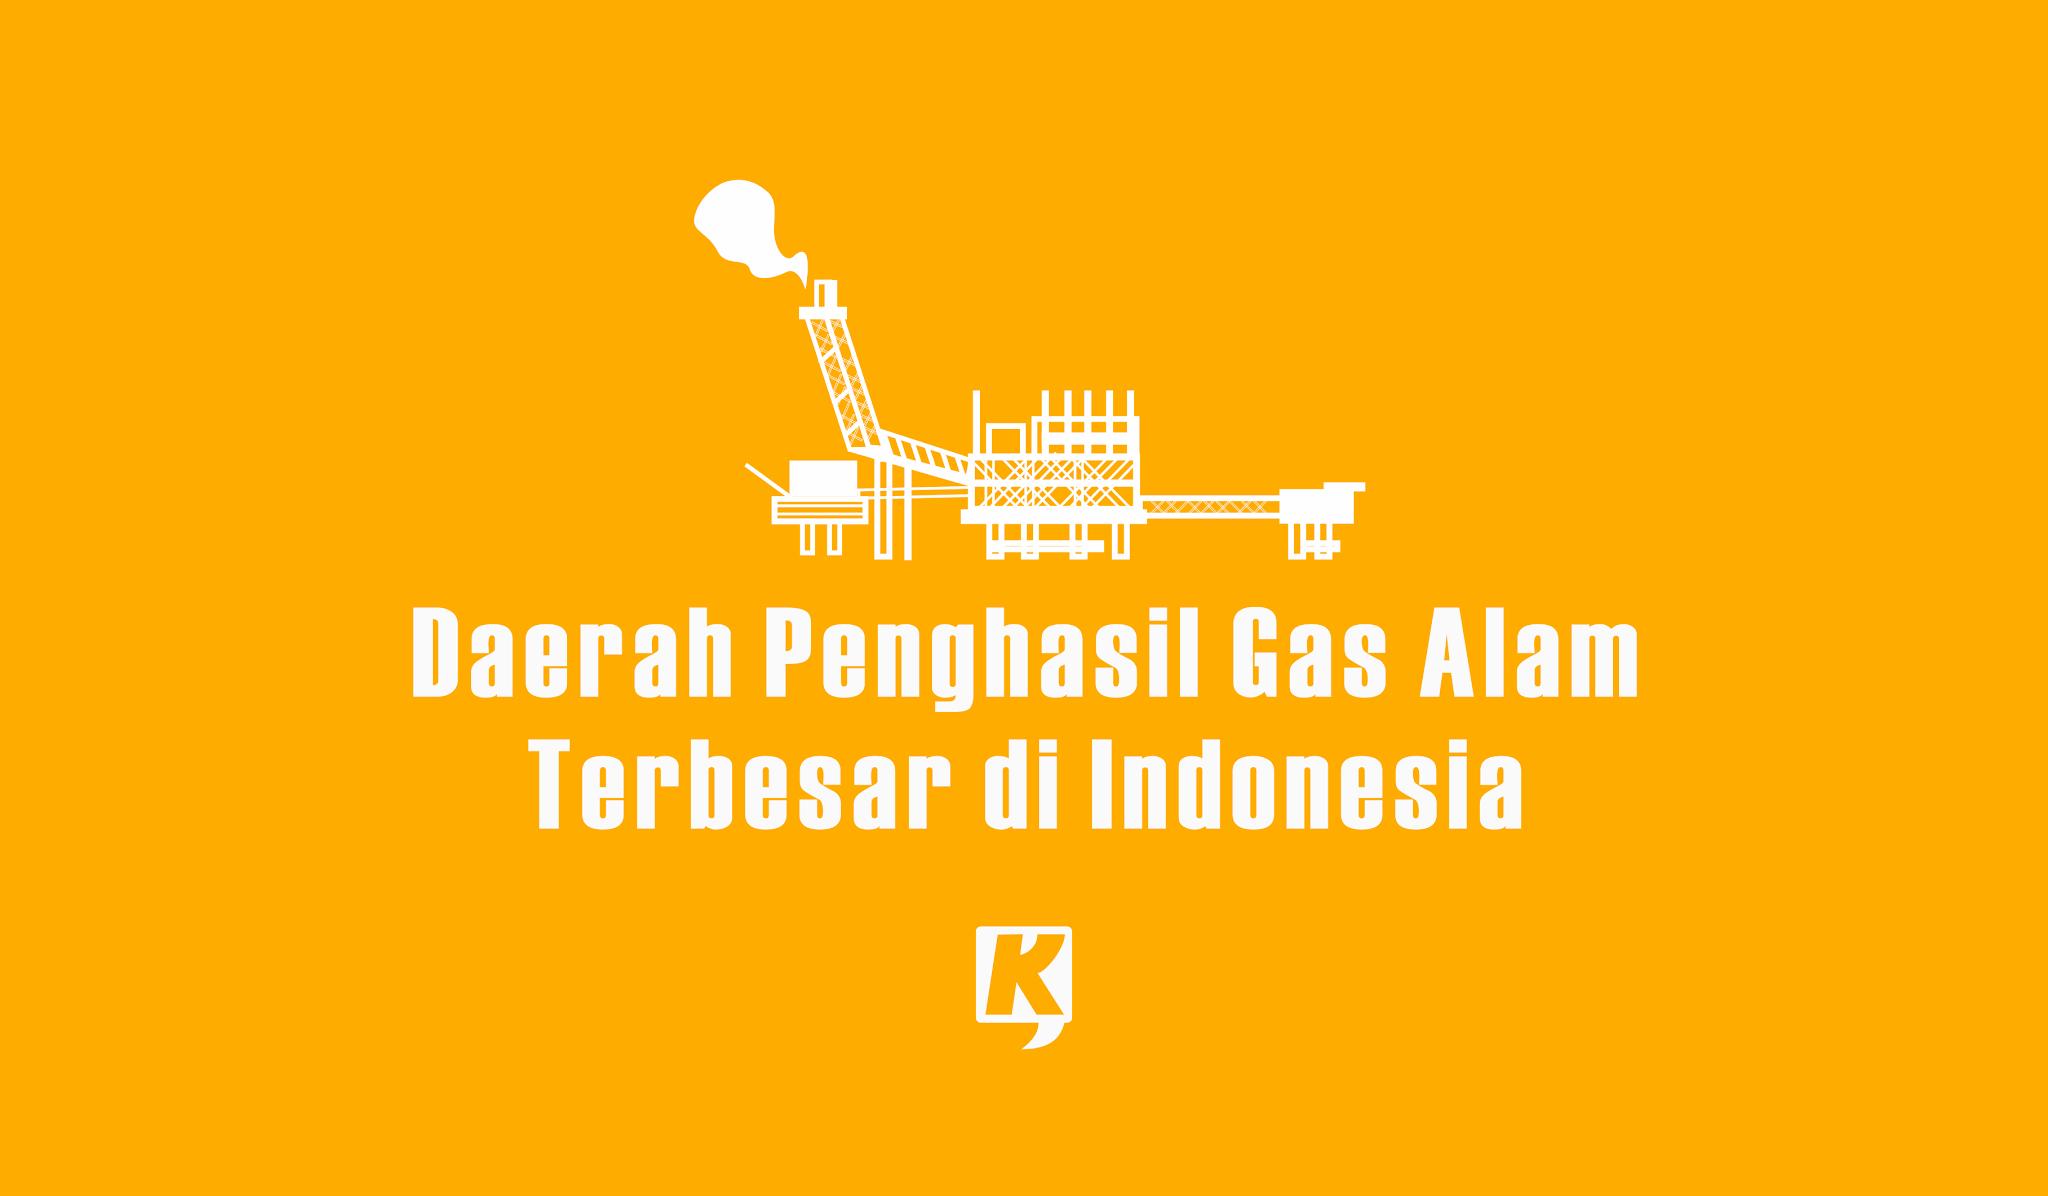 7 Daerah Penghasil Gas Alam Terbesar dan Terkenal di Indonesia